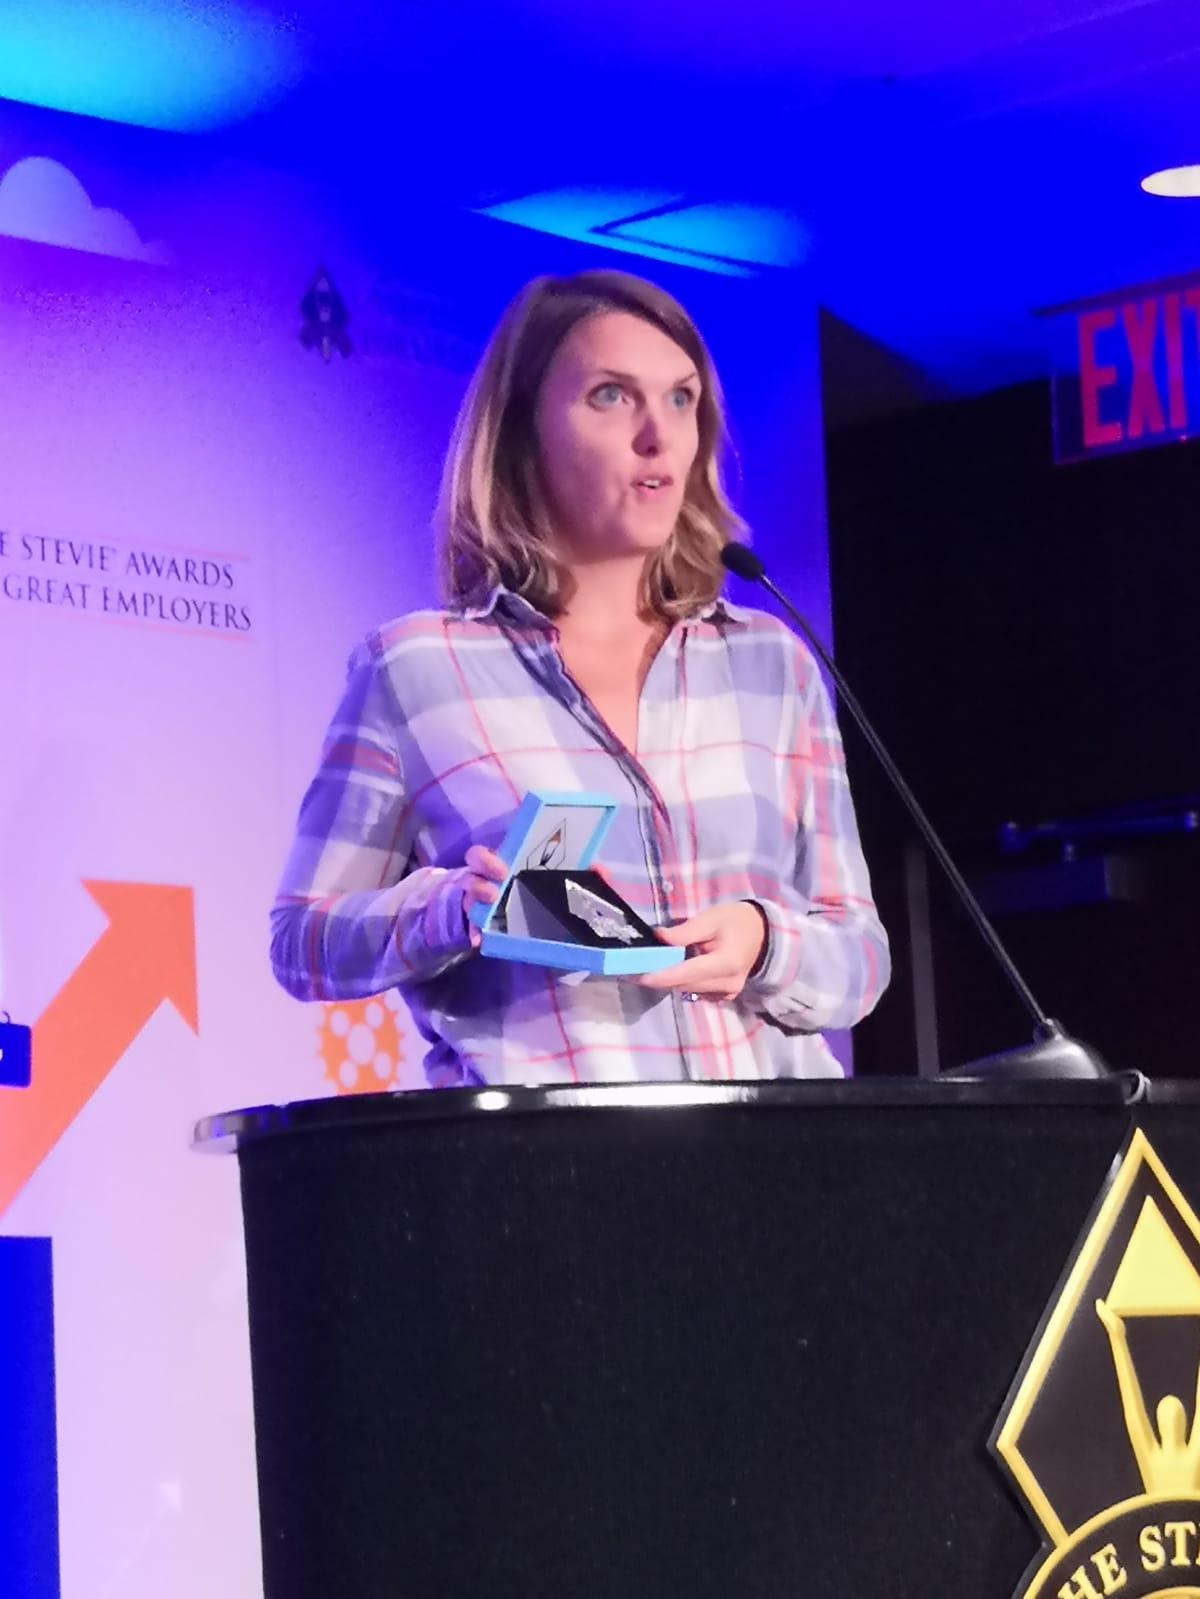 Alix de Sagazan en los Stevie Awards for Great Employers 2018